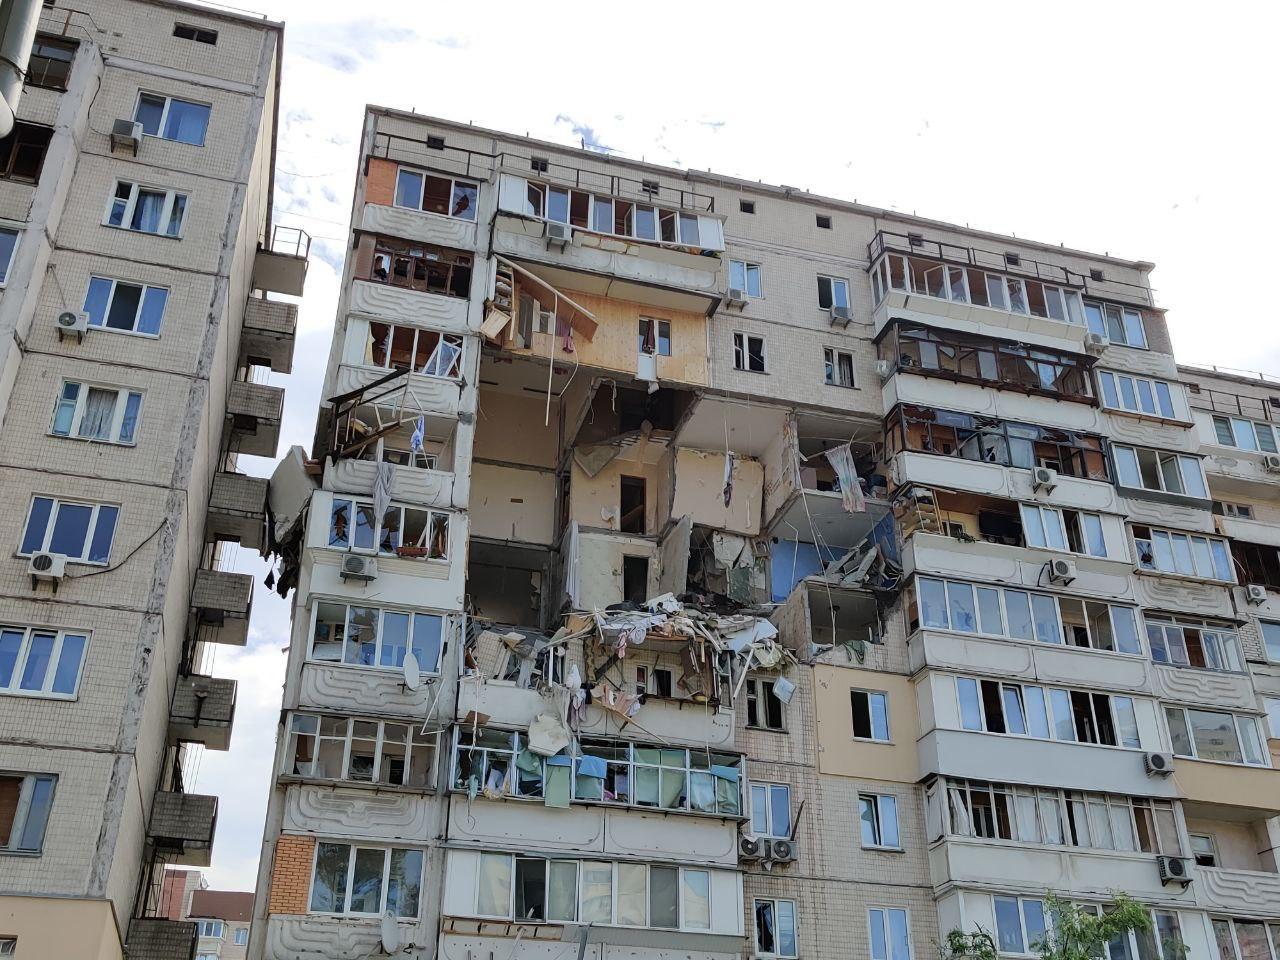 Взрыв дома на Григоренко: движение на проспекте ограничено